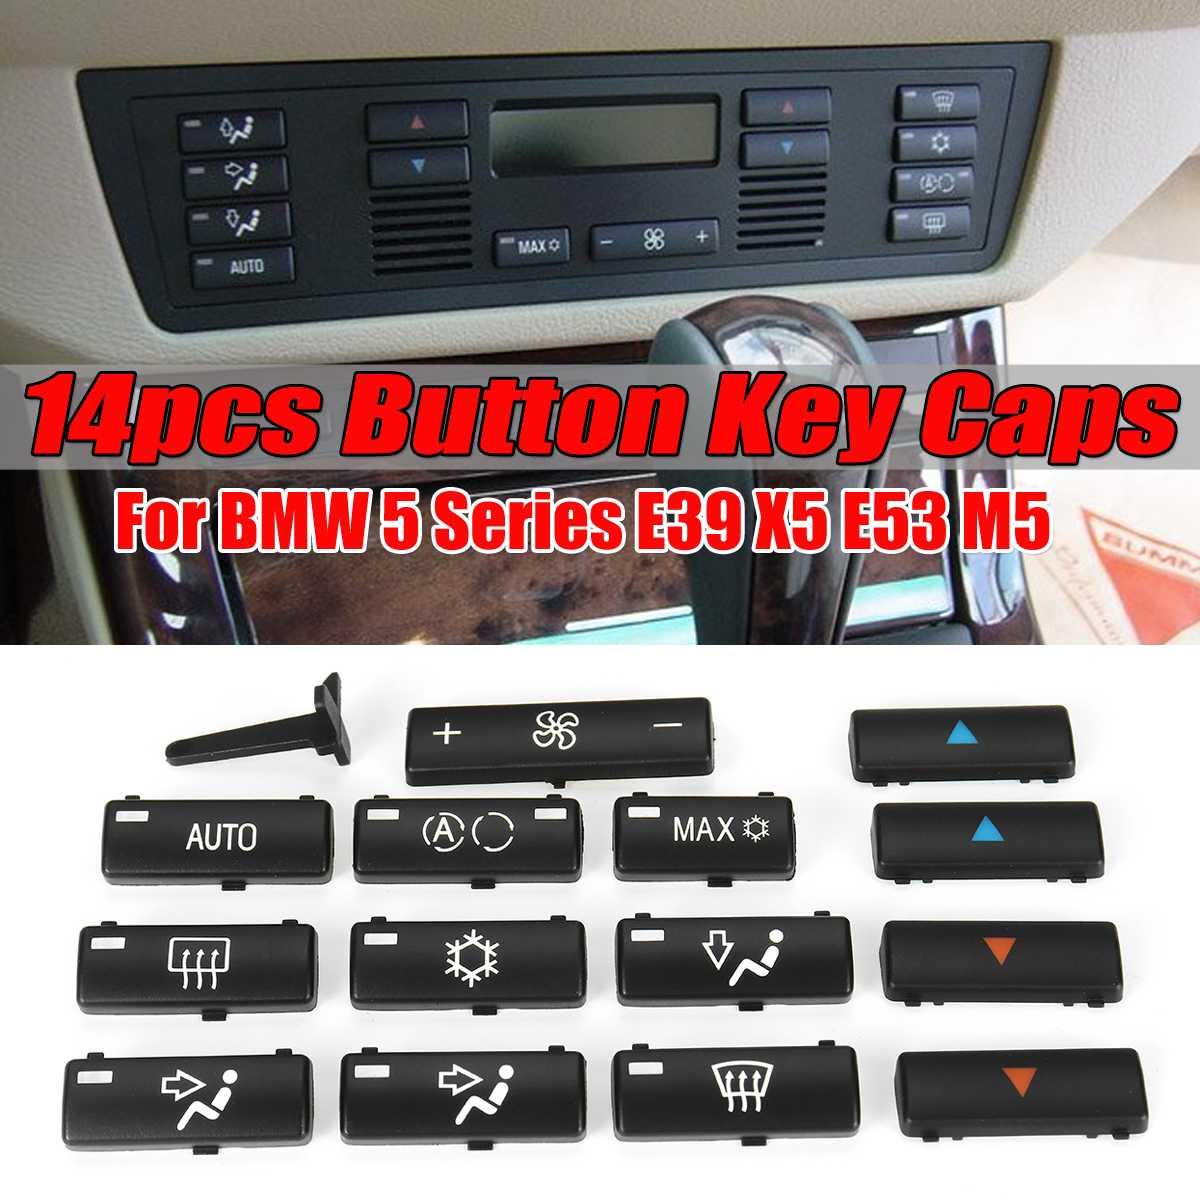 14 כפתור מפתח כובעי החלפת מאקלים/C בקרת לוח בקרת מתג כפתורי כיסוי מכסי BMW E39 E53 525i 530i 540i M5 X5